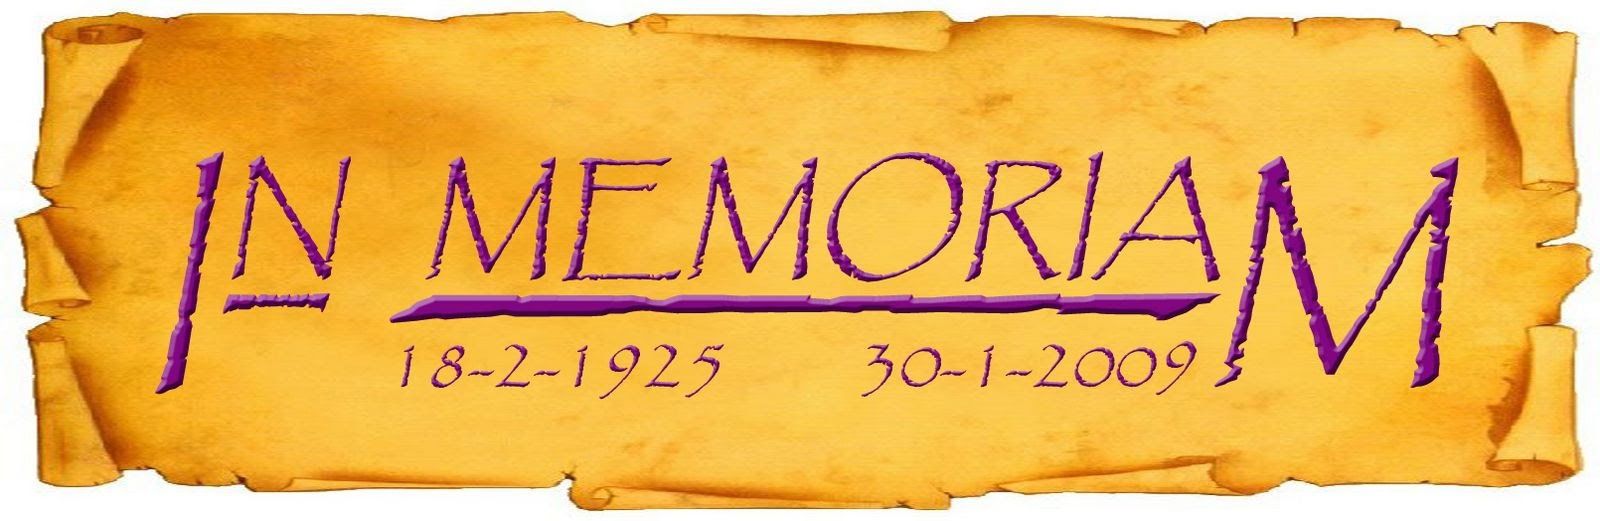 Picasa - IN MEMORIAM.jpg